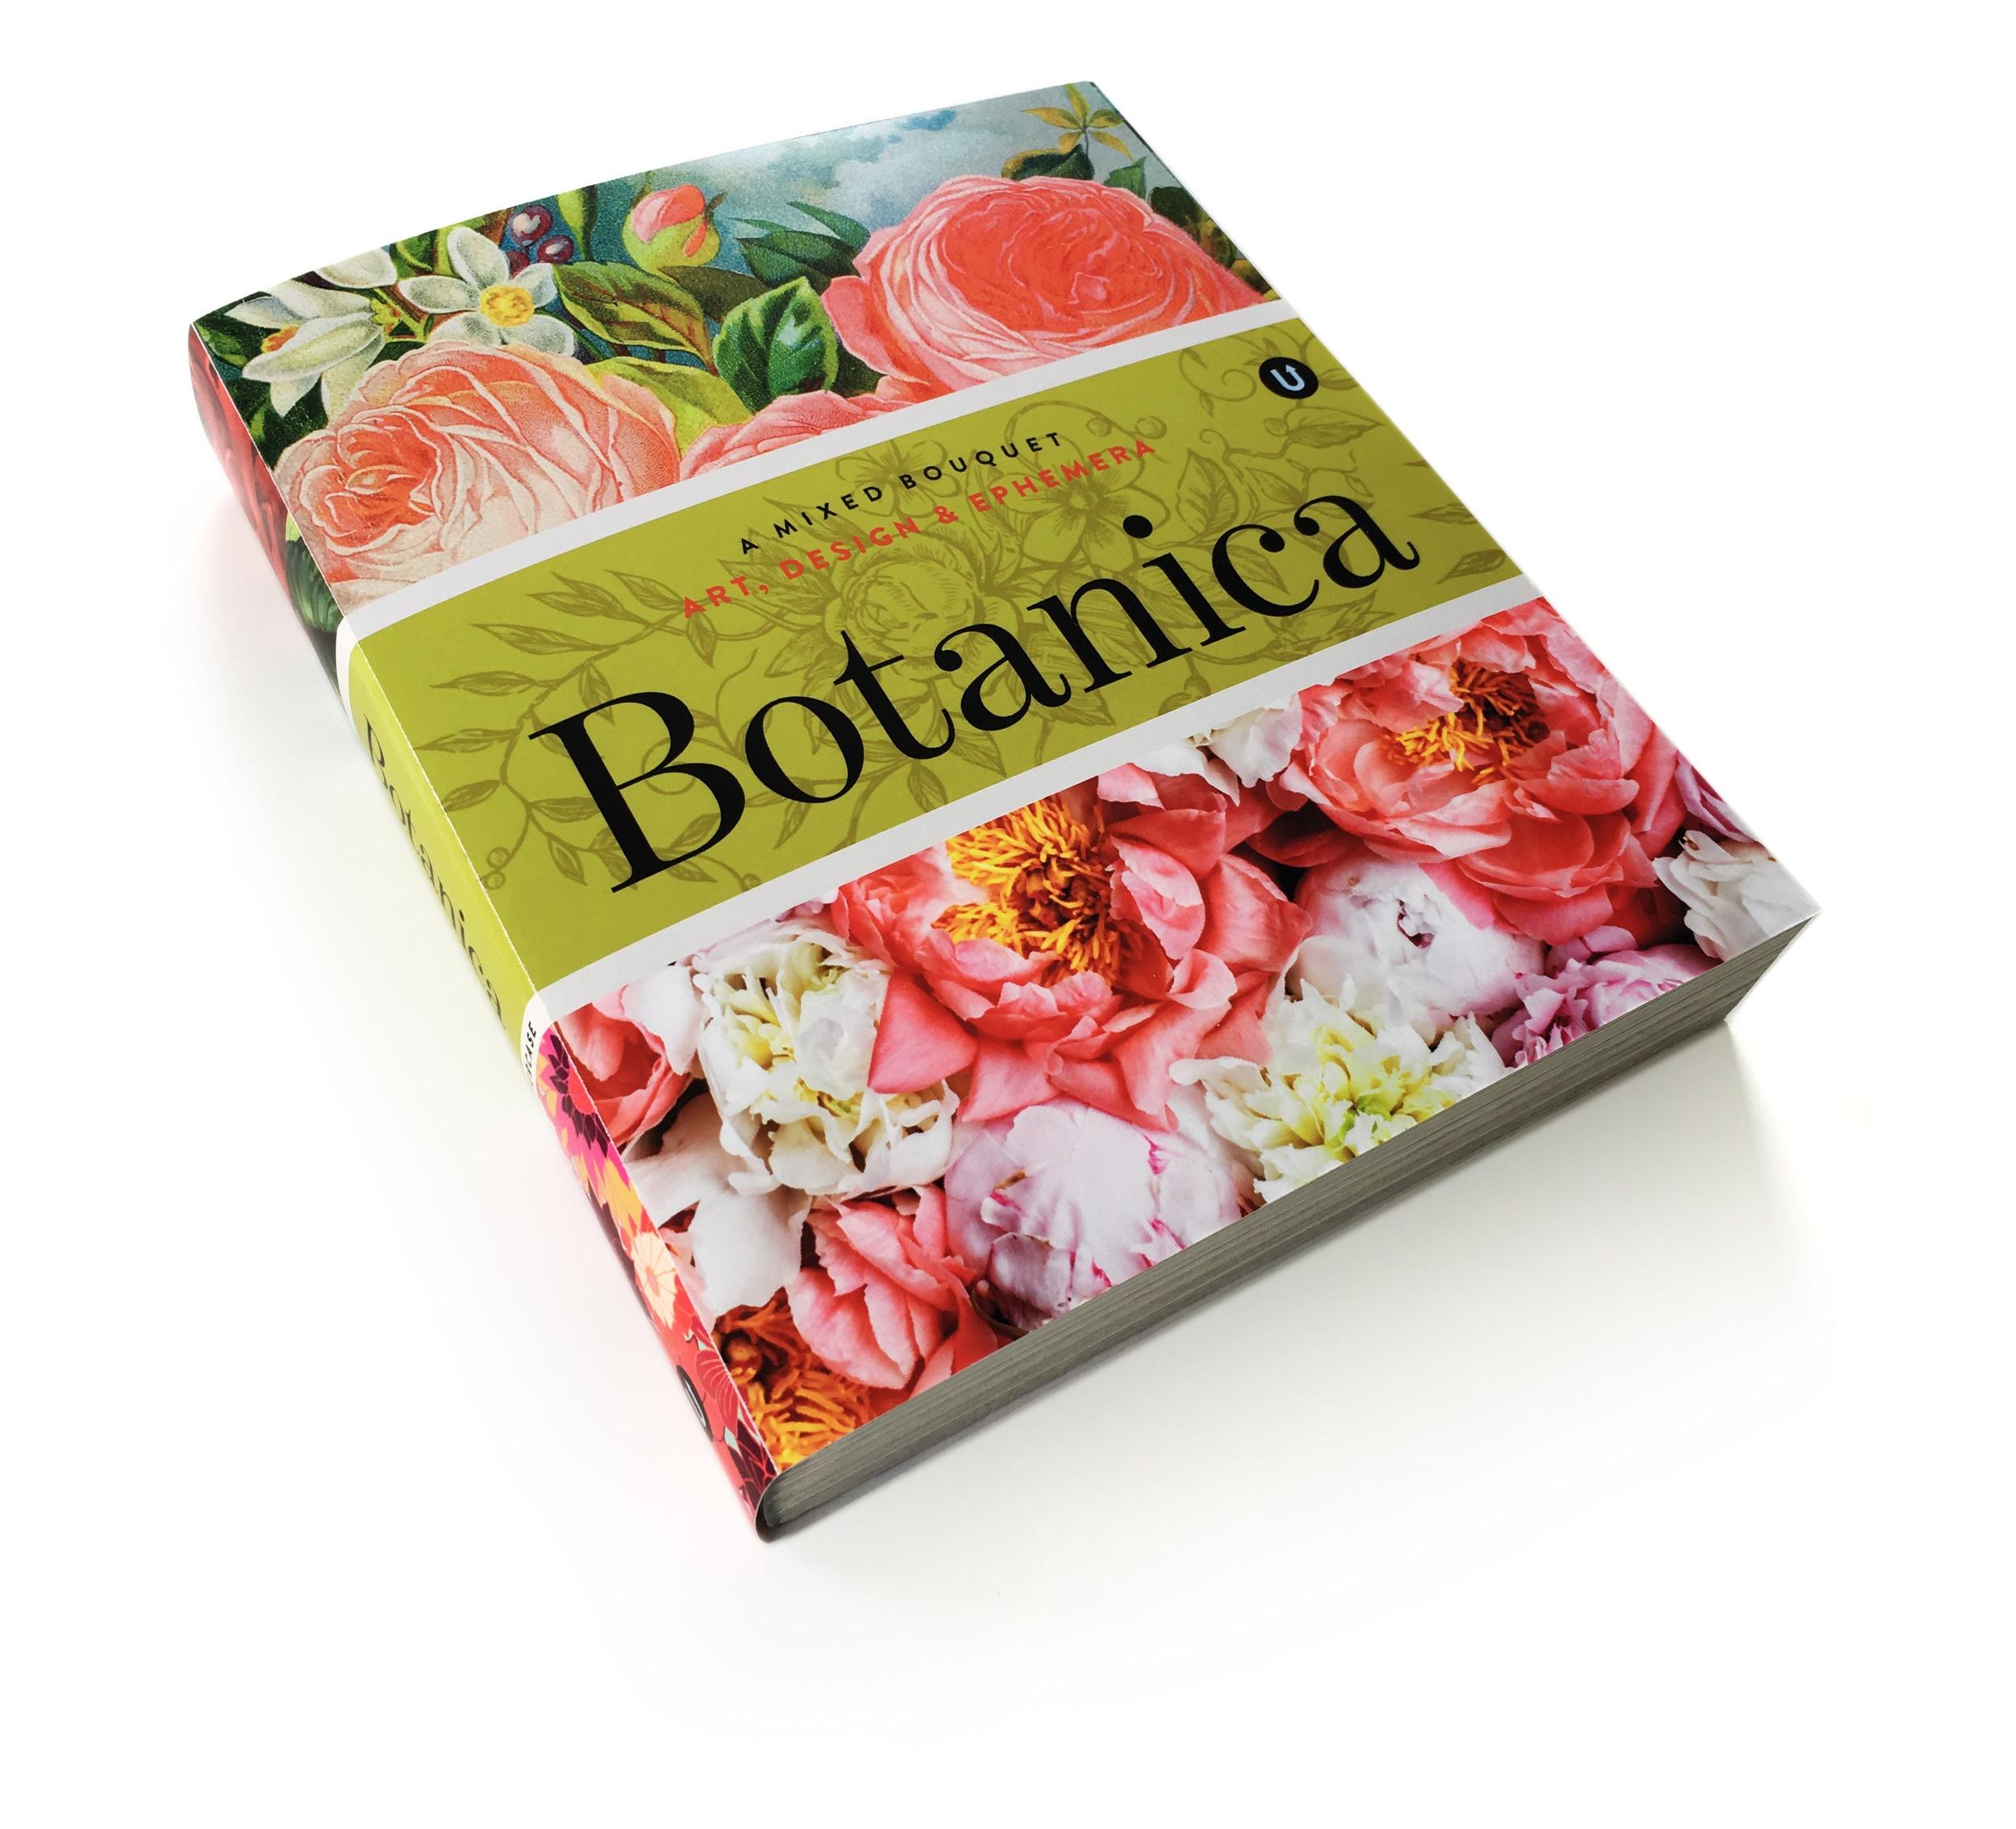 Botanica preview cover mockup.jpg